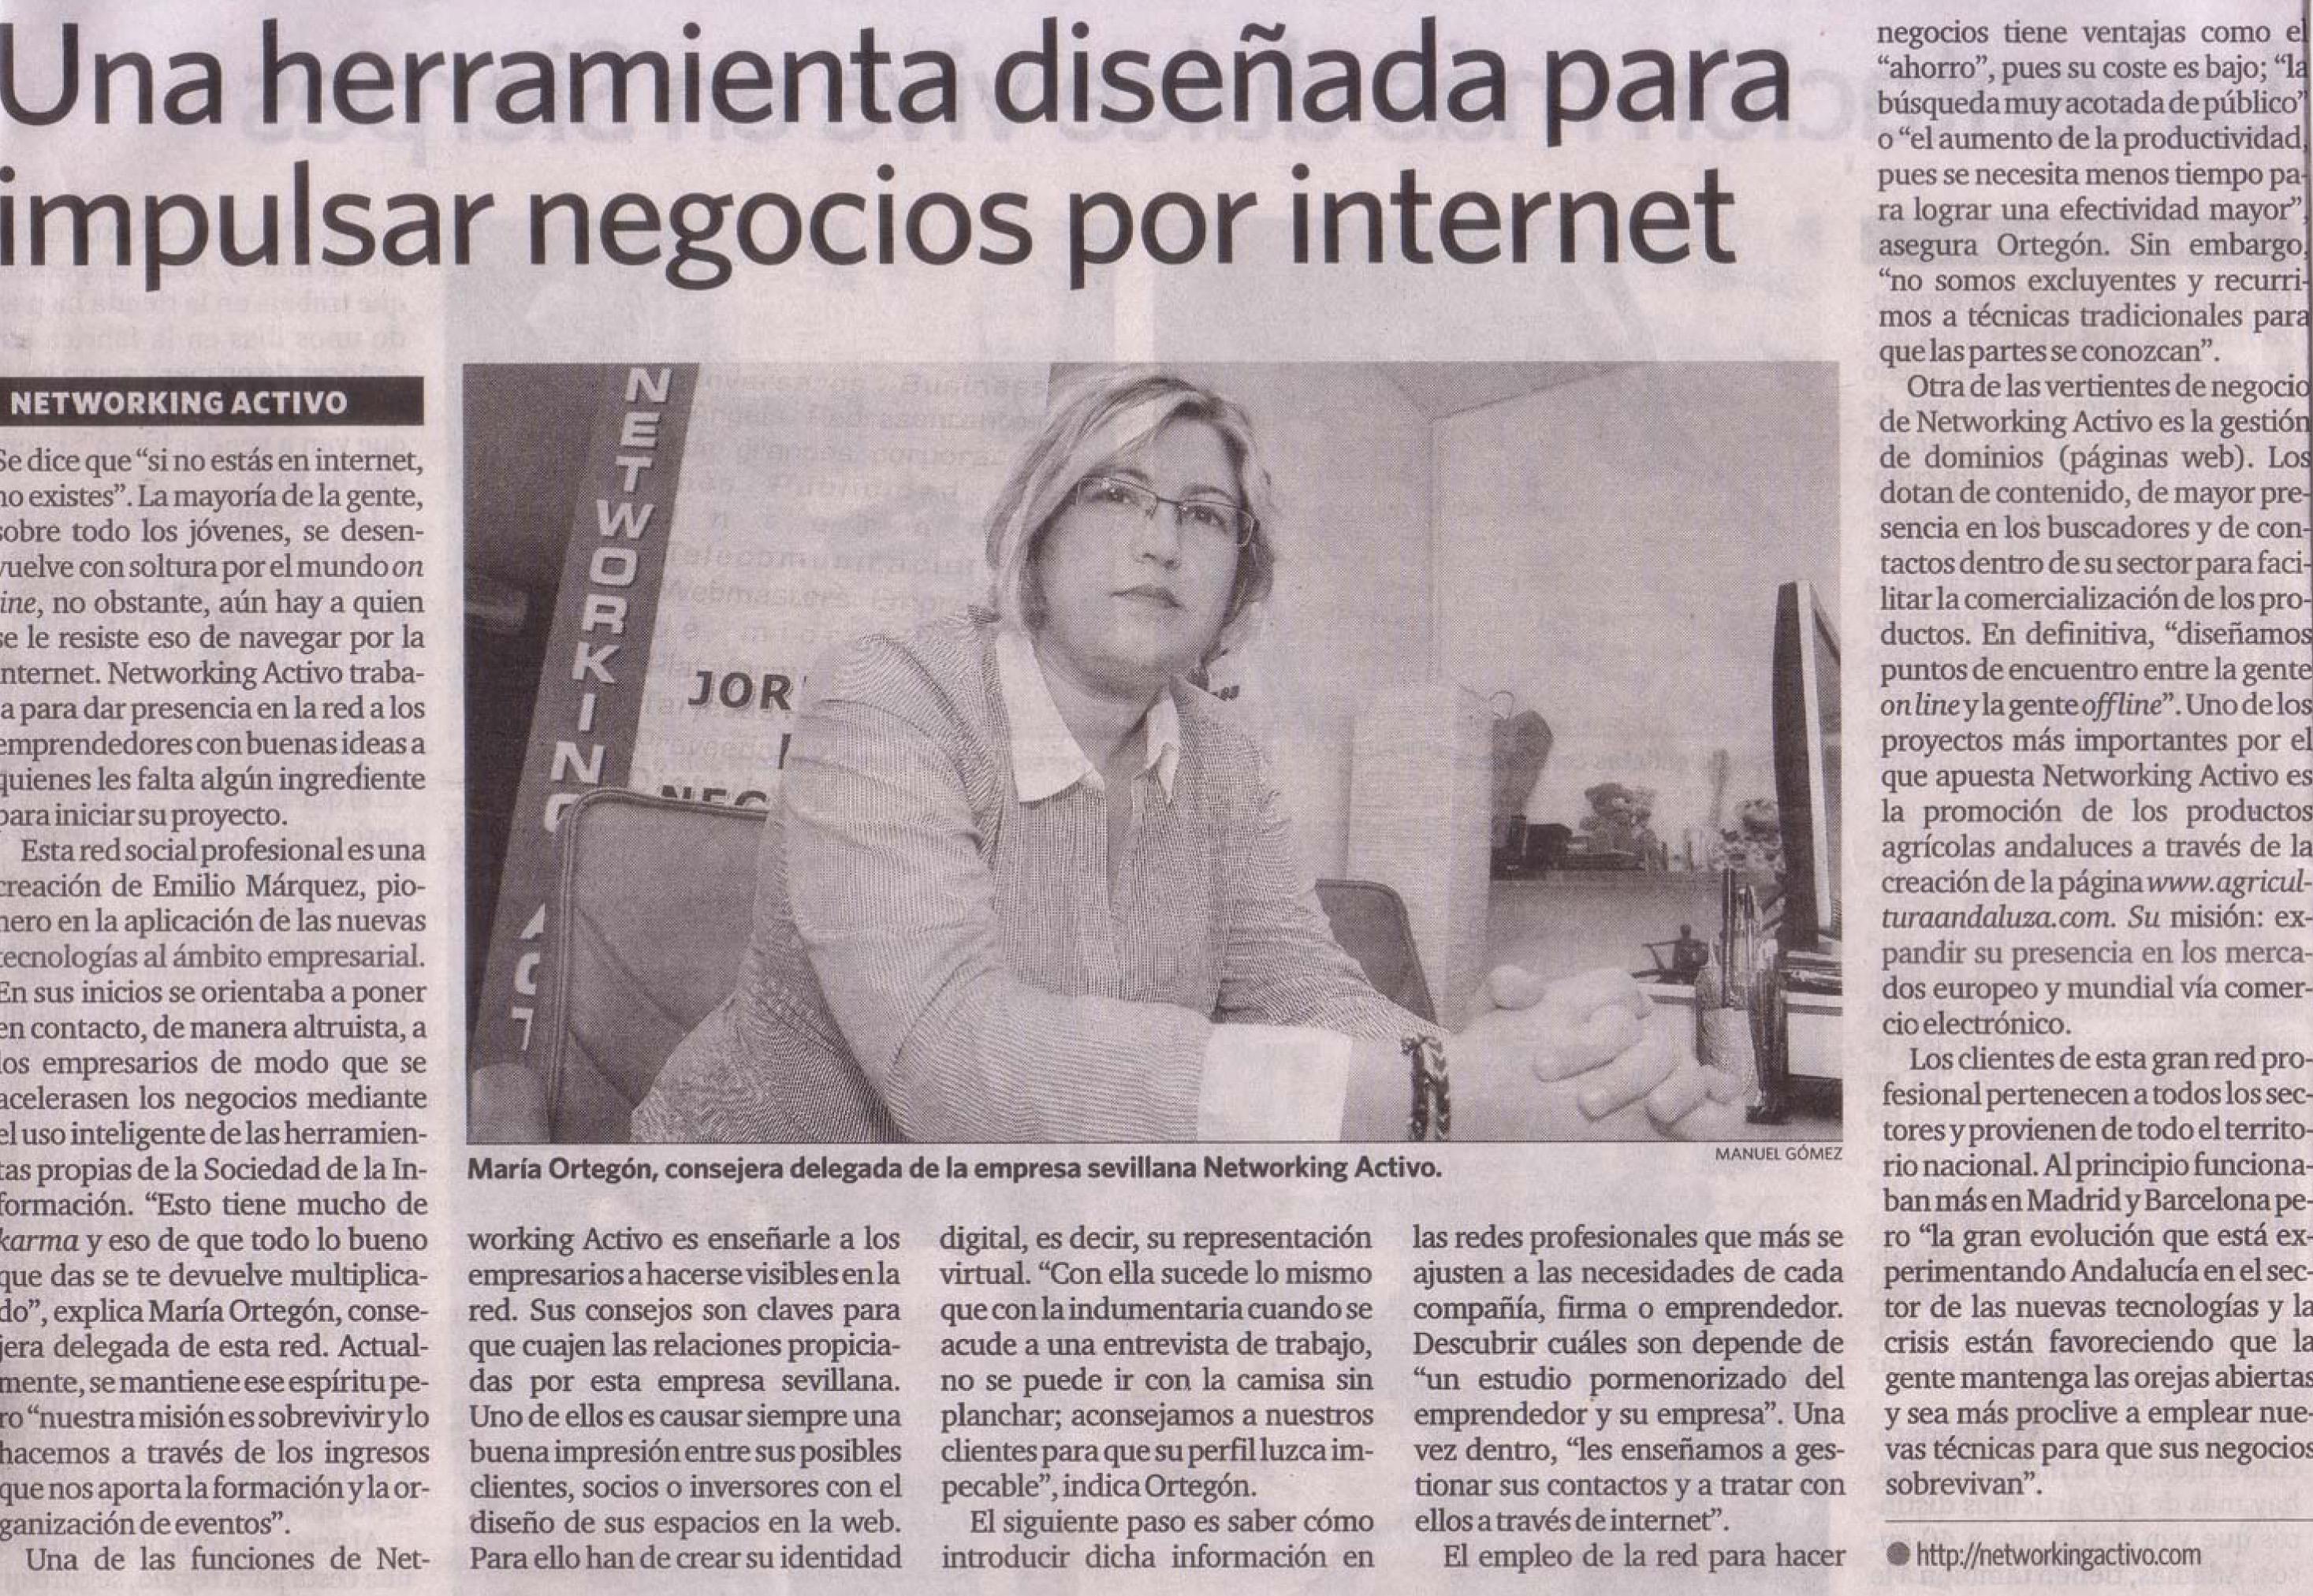 Diario de Sevilla (Edición 17/09/2009).